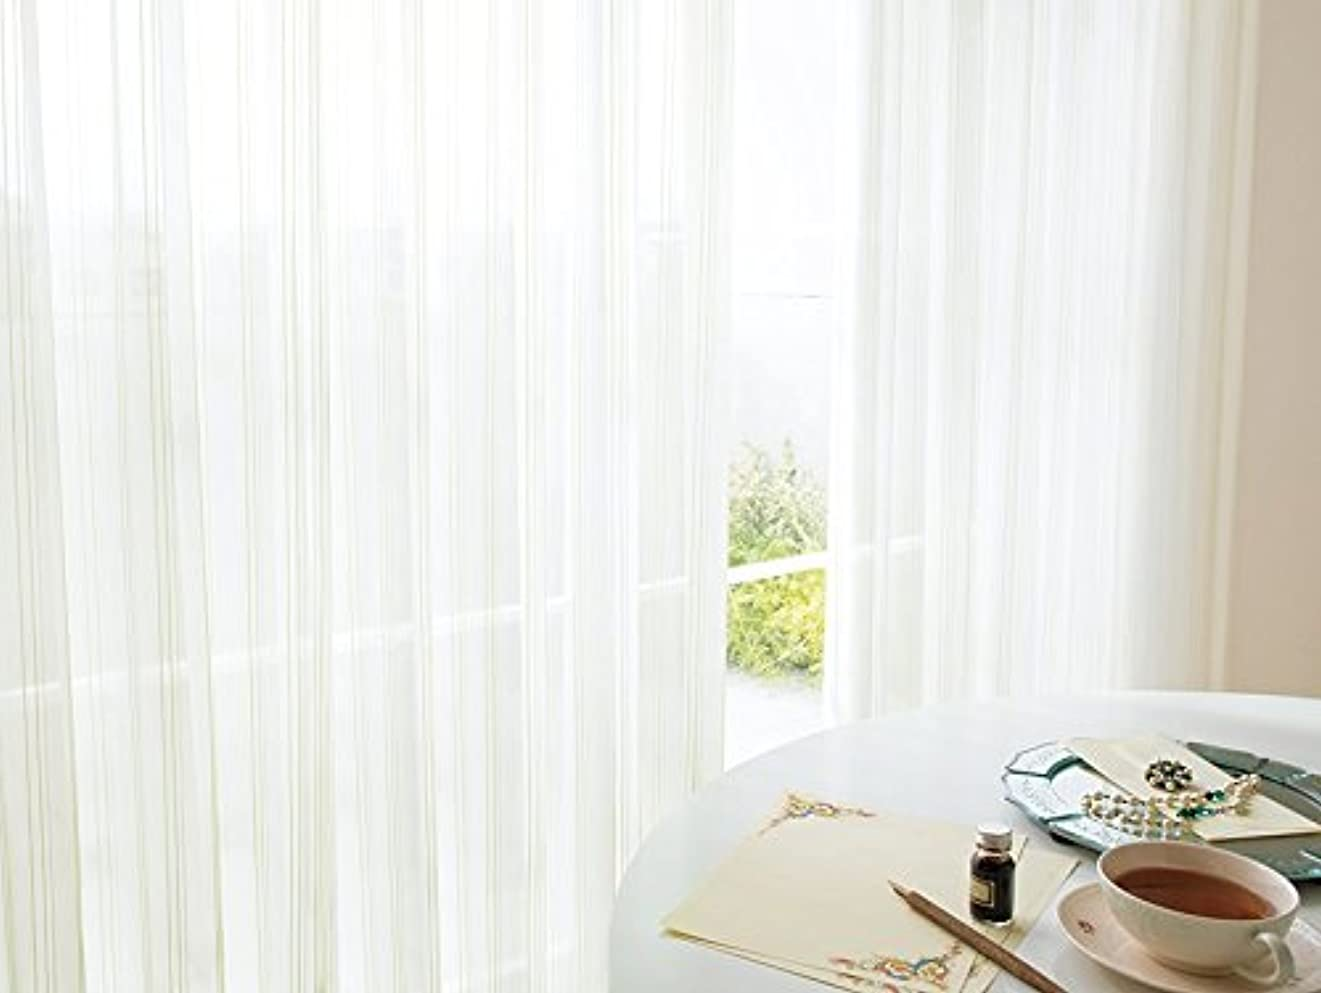 逆さまにファンシーローラー東リ ラメ糸と色糸でゆらぎを表現した遮熱レース フラットカーテン1.3倍ヒダ KSA60442 幅:250cm ×丈:160cm (2枚組)オーダーカーテン